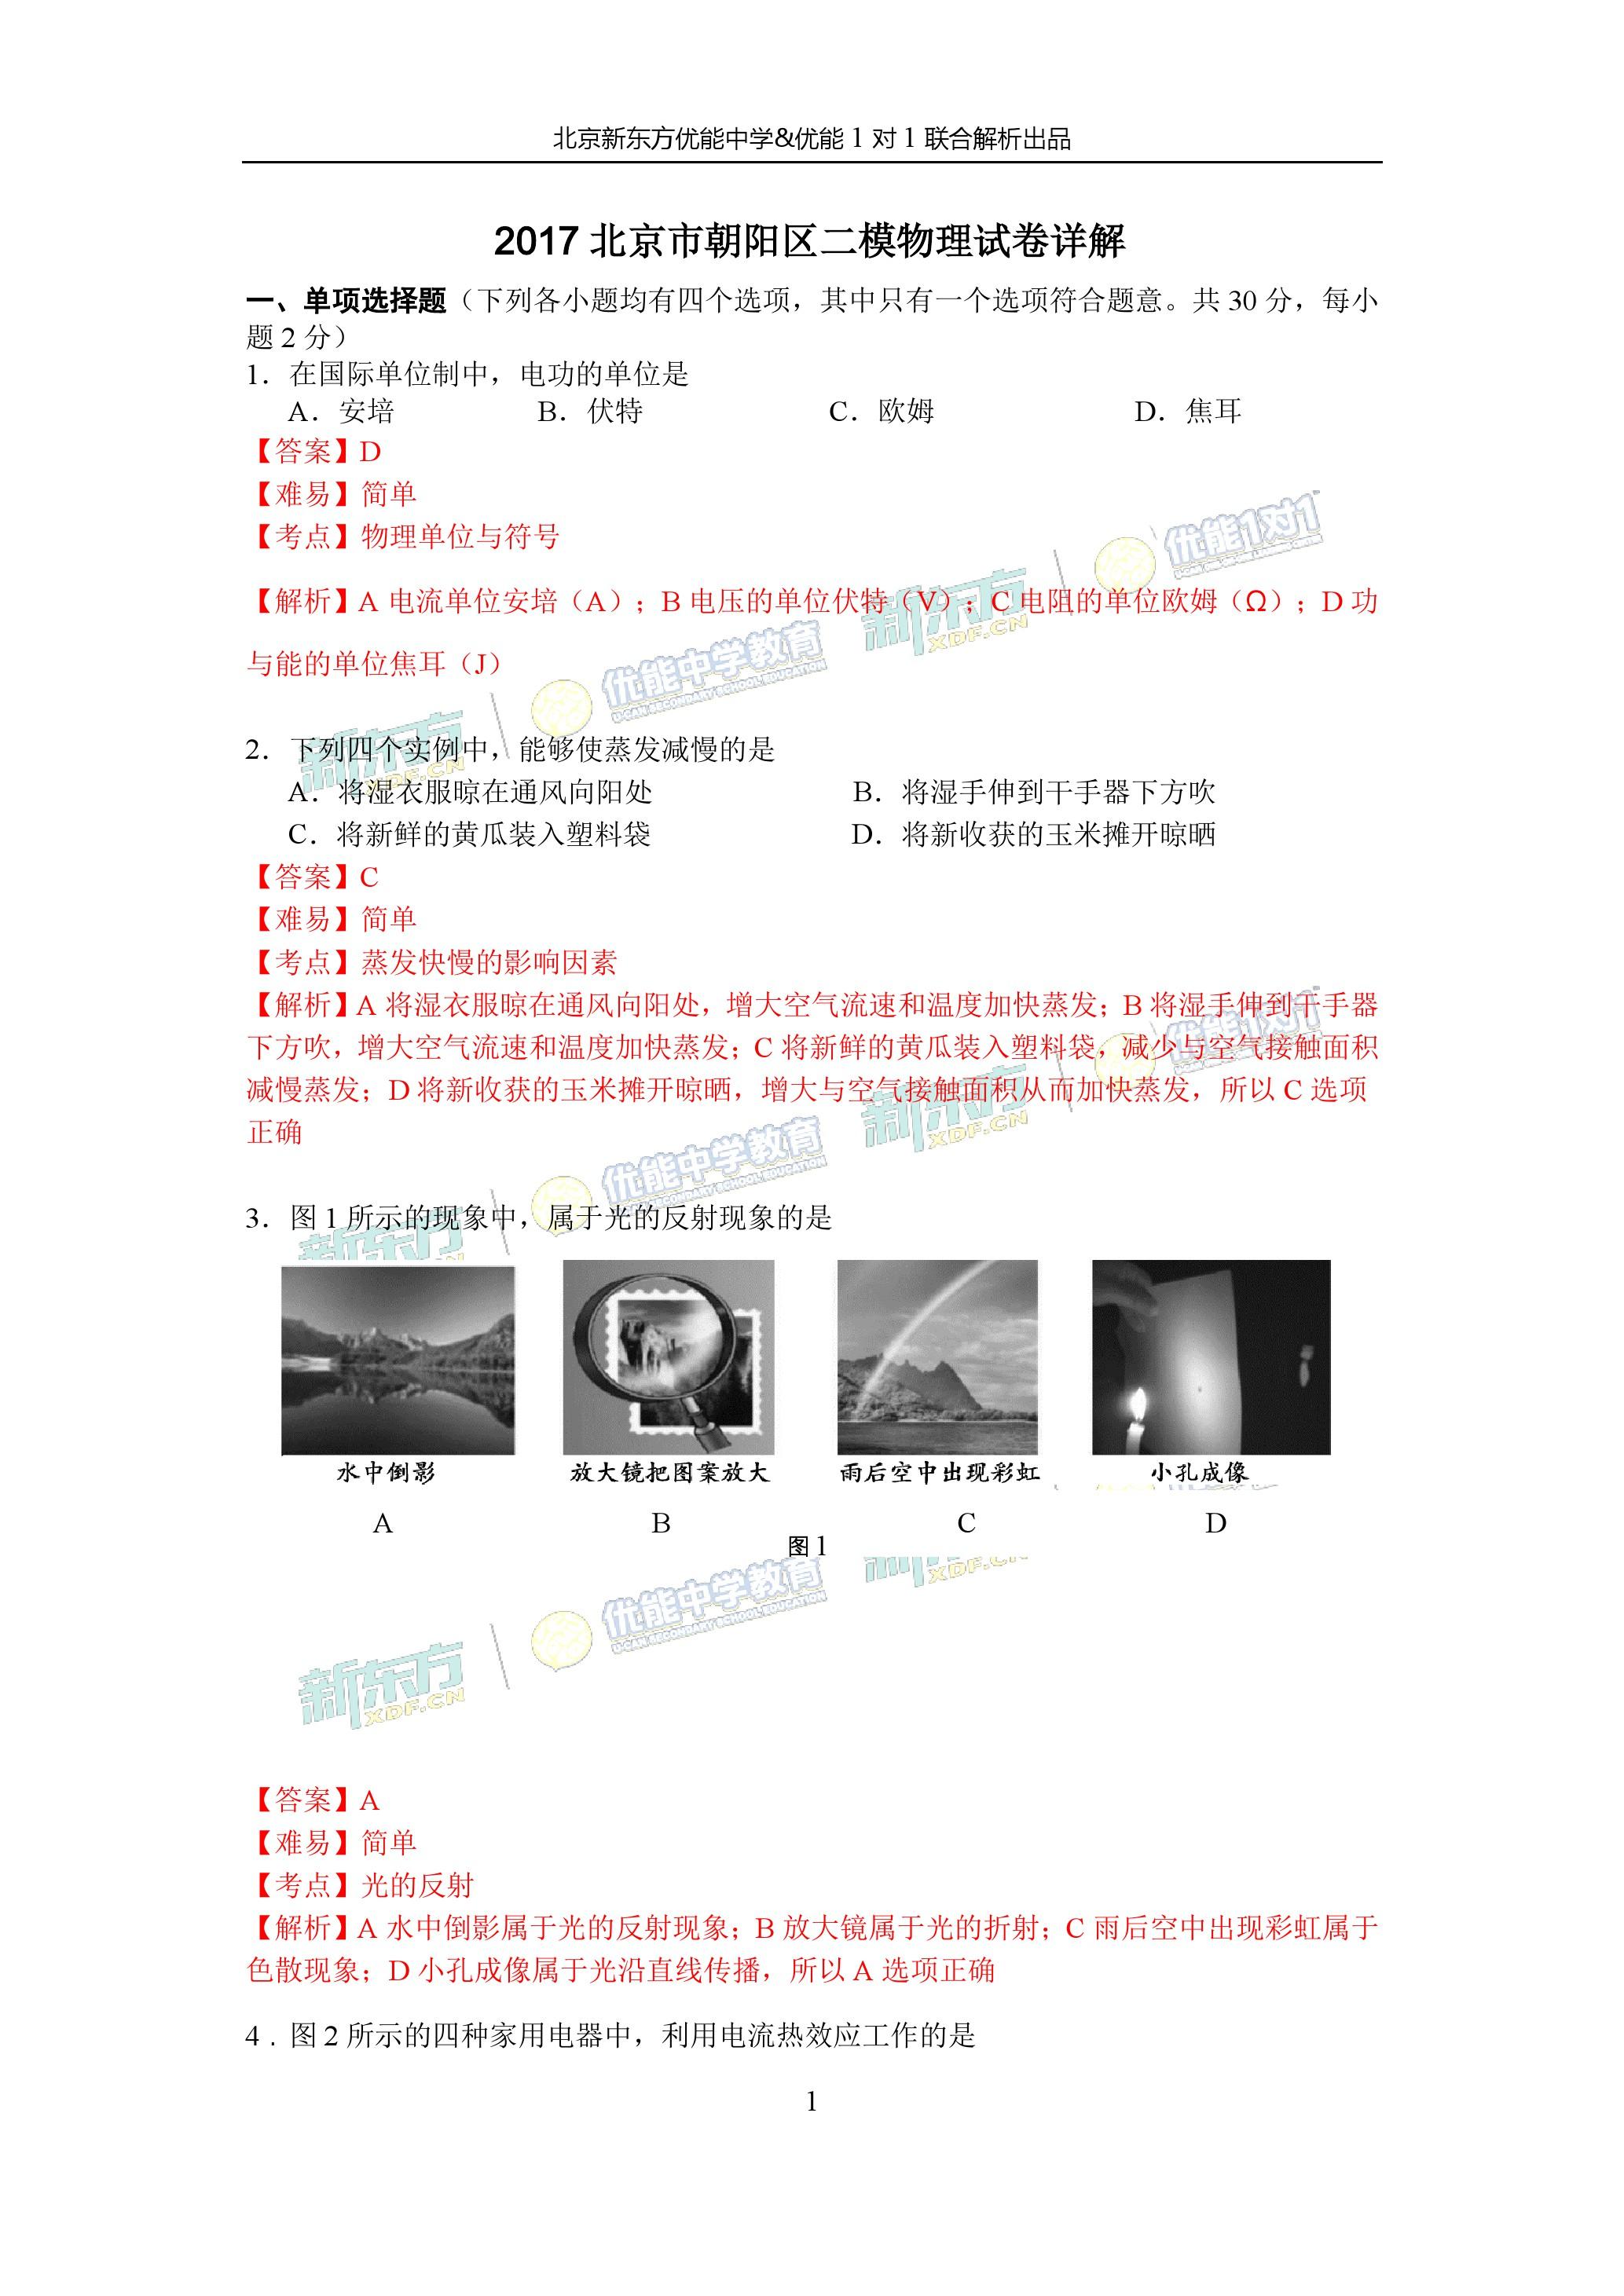 新东方优能名师逐题解析2017朝阳区初三二模物理答案(图片版)